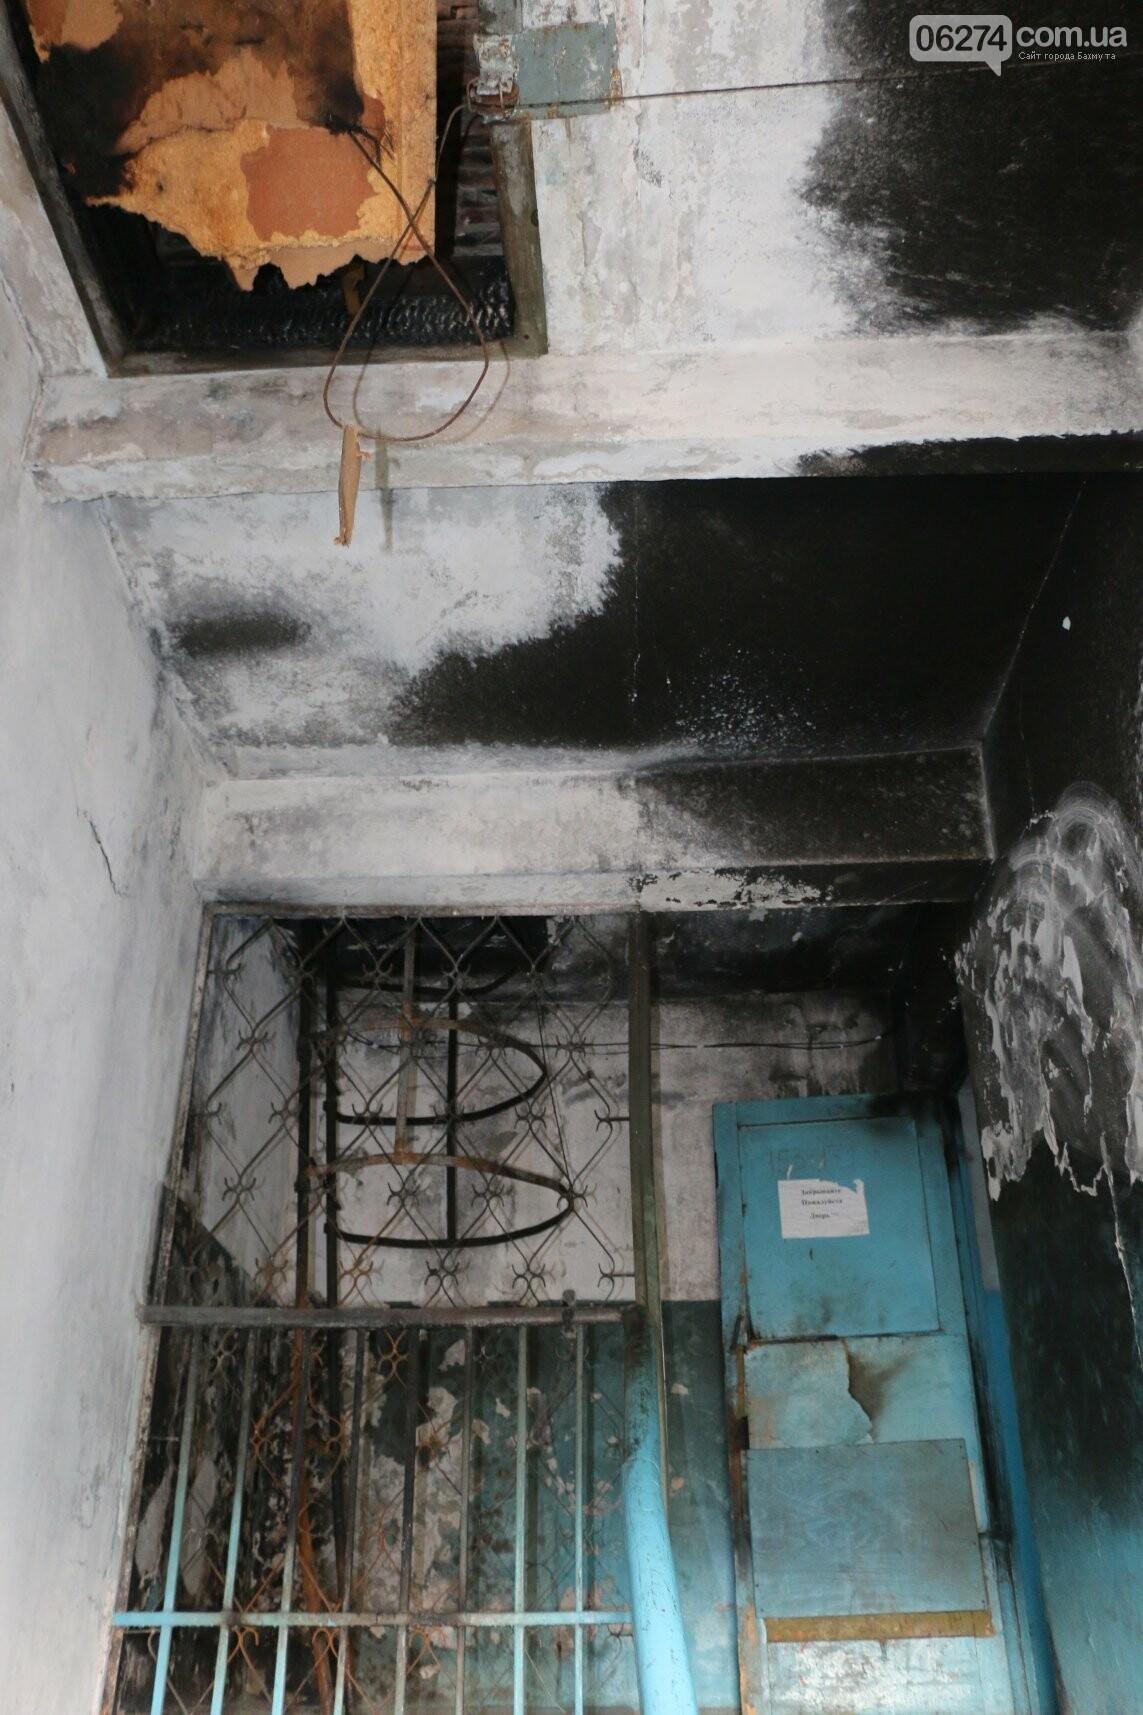 Дома-призраки в Бахмуте: есть ли выход?, фото-16